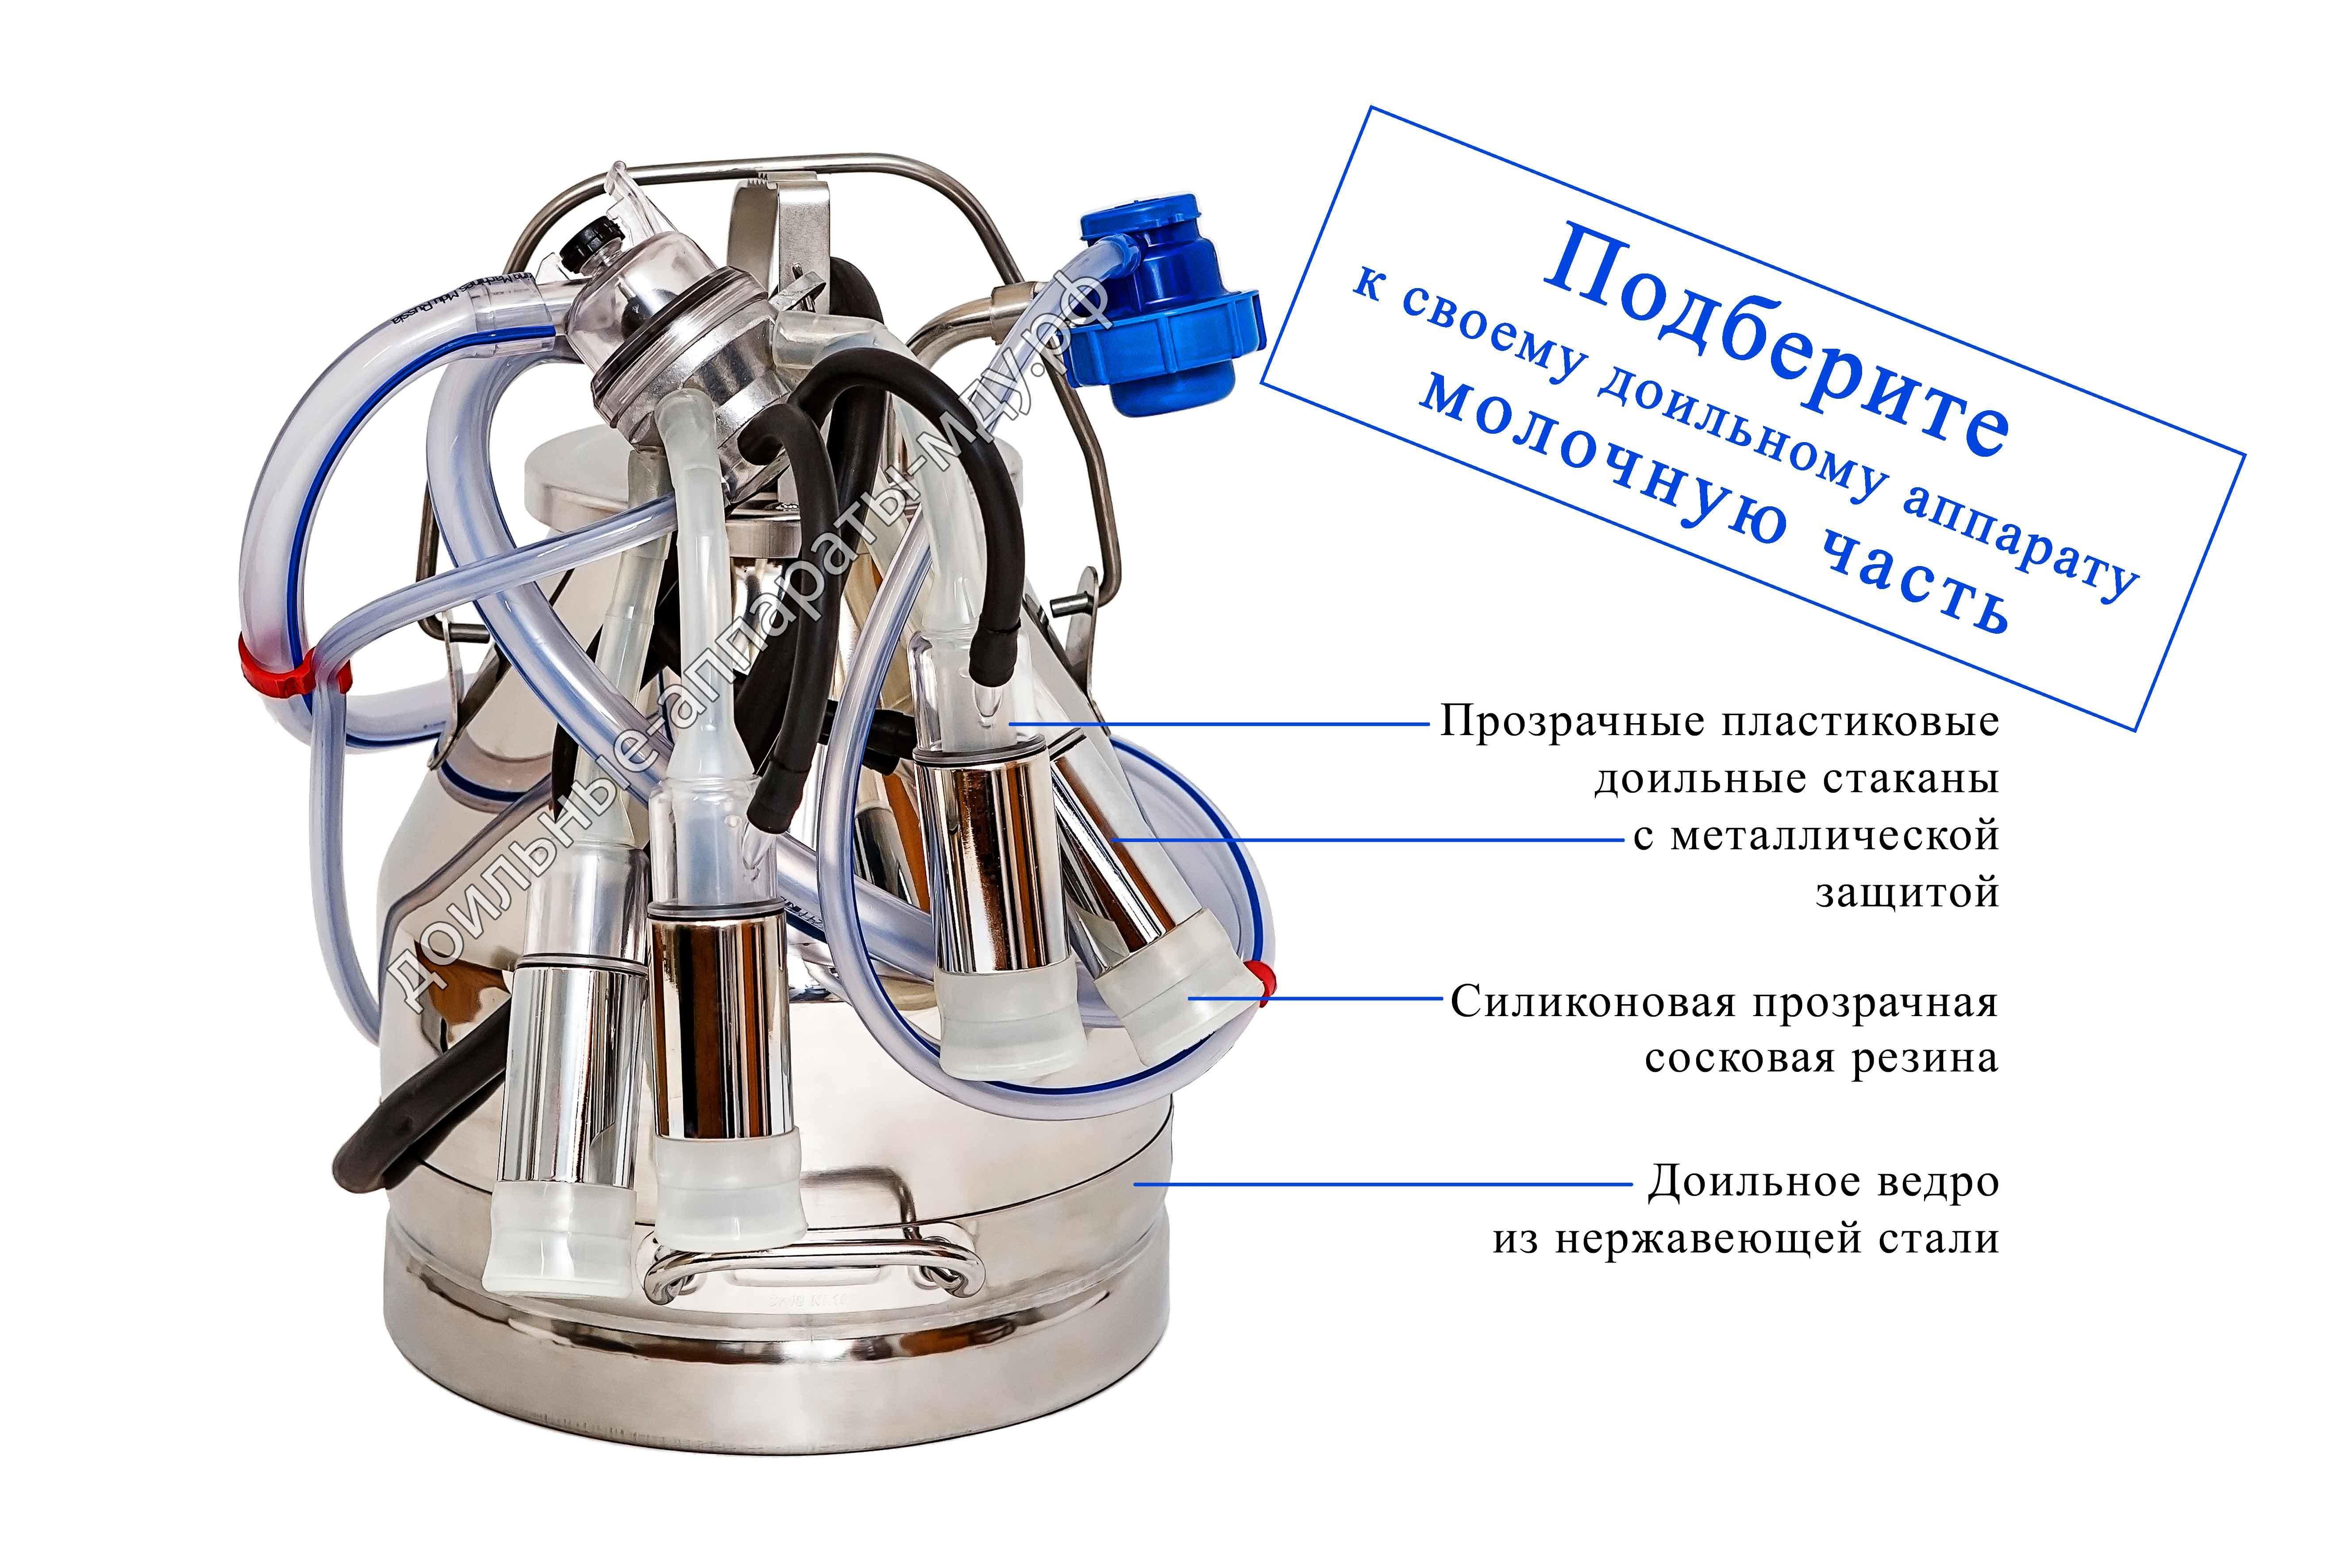 Вы можете заказать доильный аппарат с прозрачной  подвесной частью и доильным ведром из нержавеющей стали, указав это на странице  аппарата.